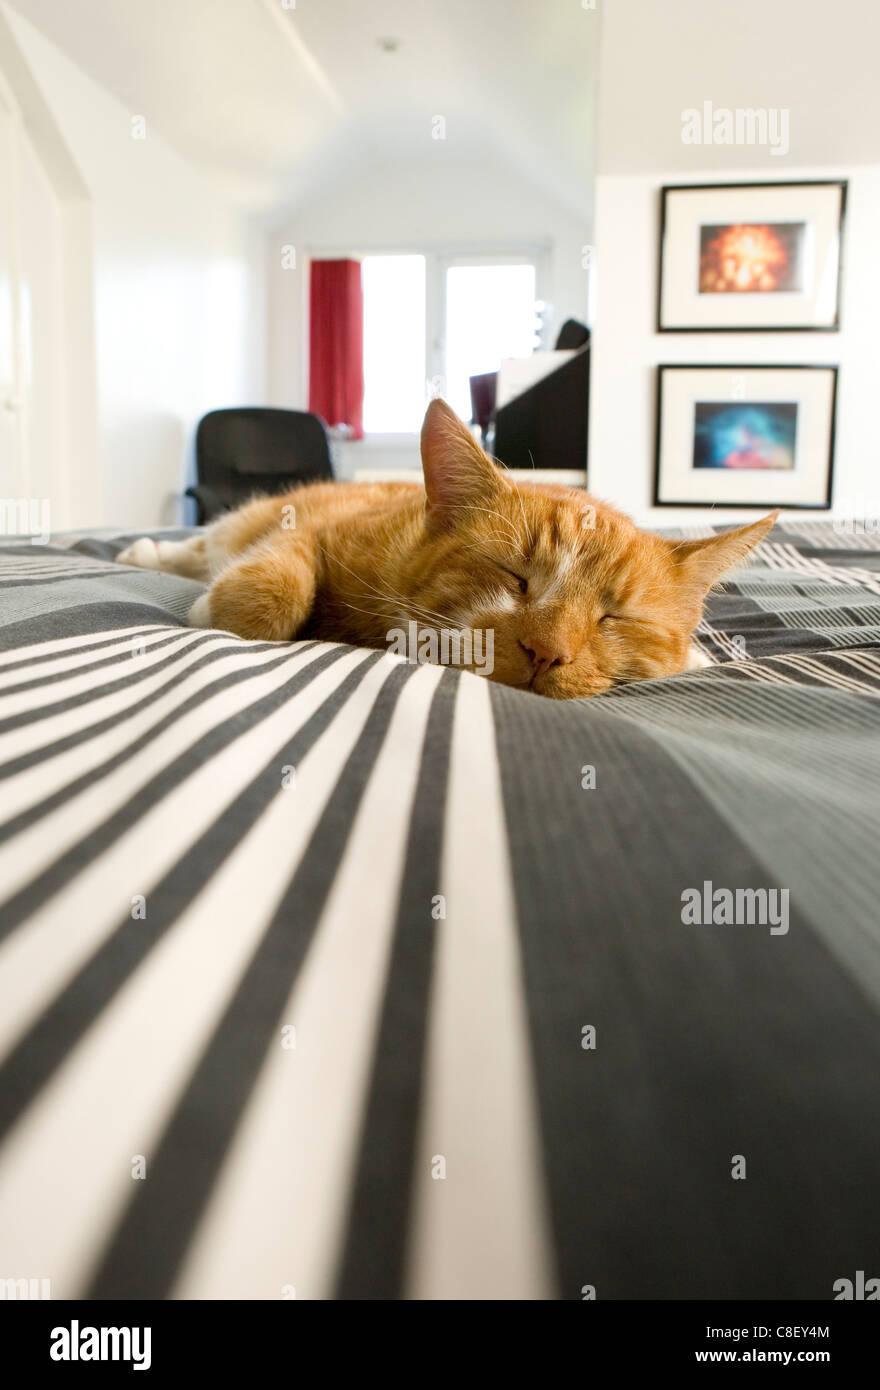 Alleinstehende Erwachsene Hauskatze auf einem Bett UK Stockbild